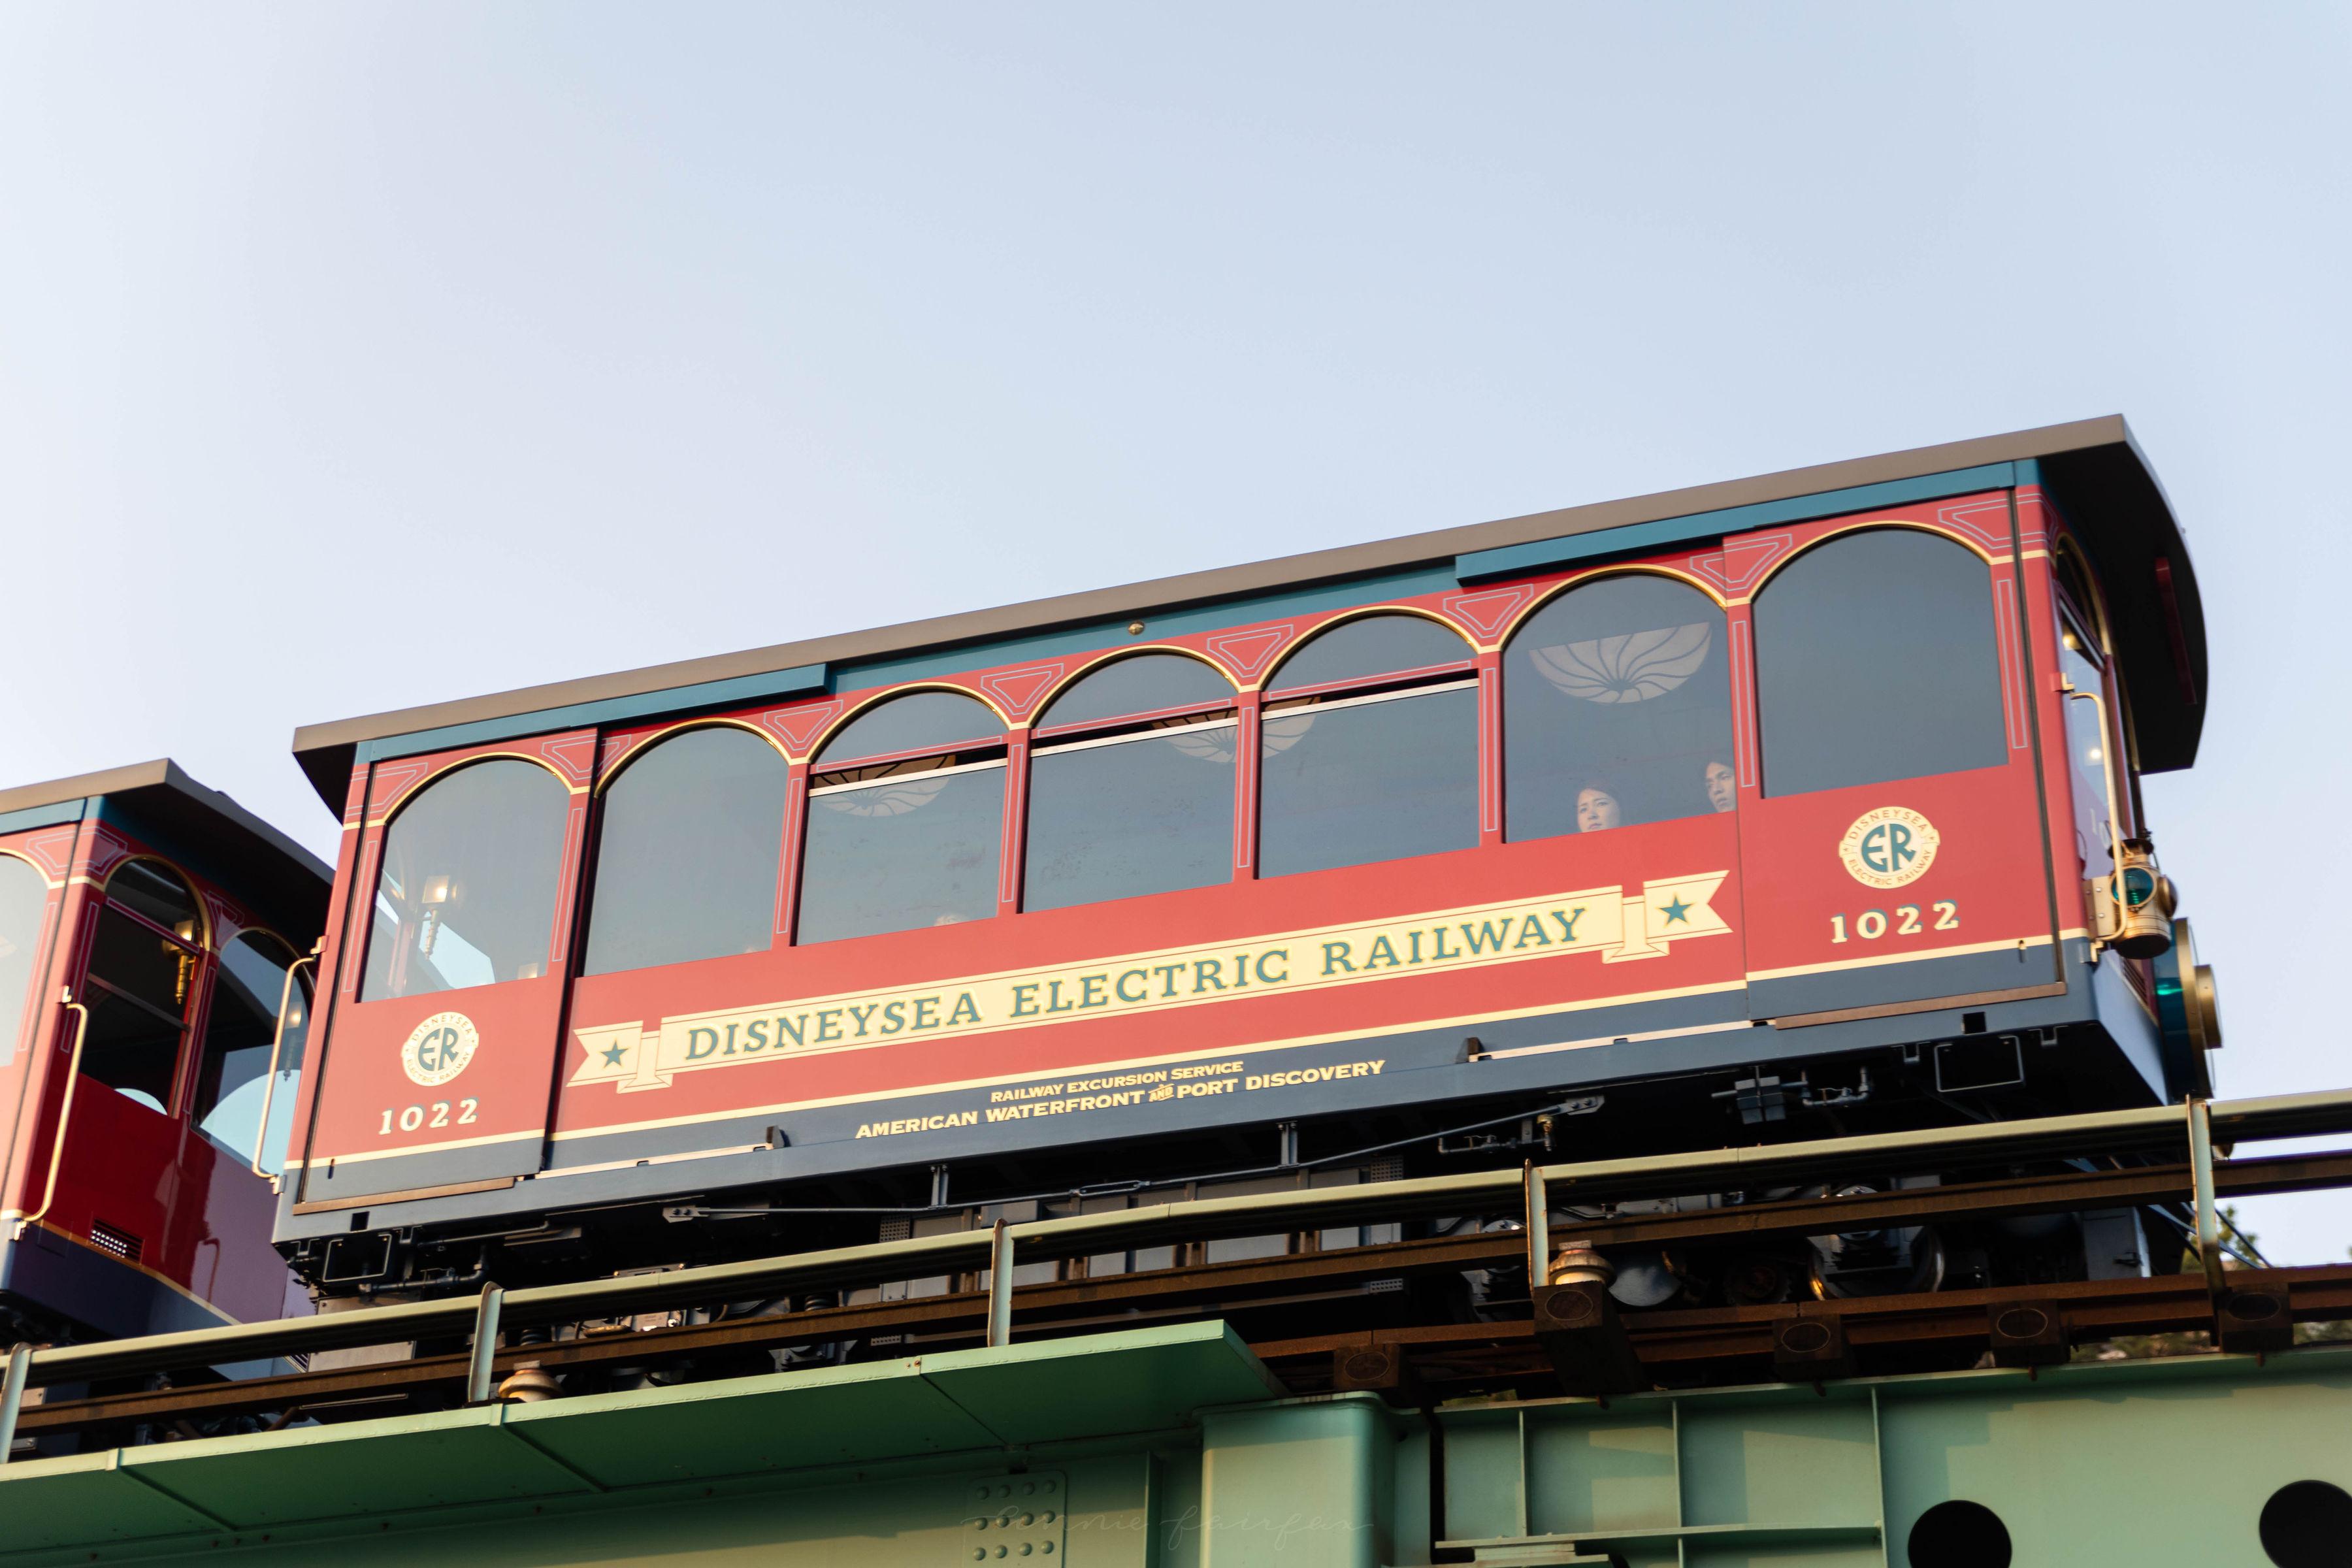 Tokyo DisneySea Electric Railway Elevated Trolley to American Waterfront Japan